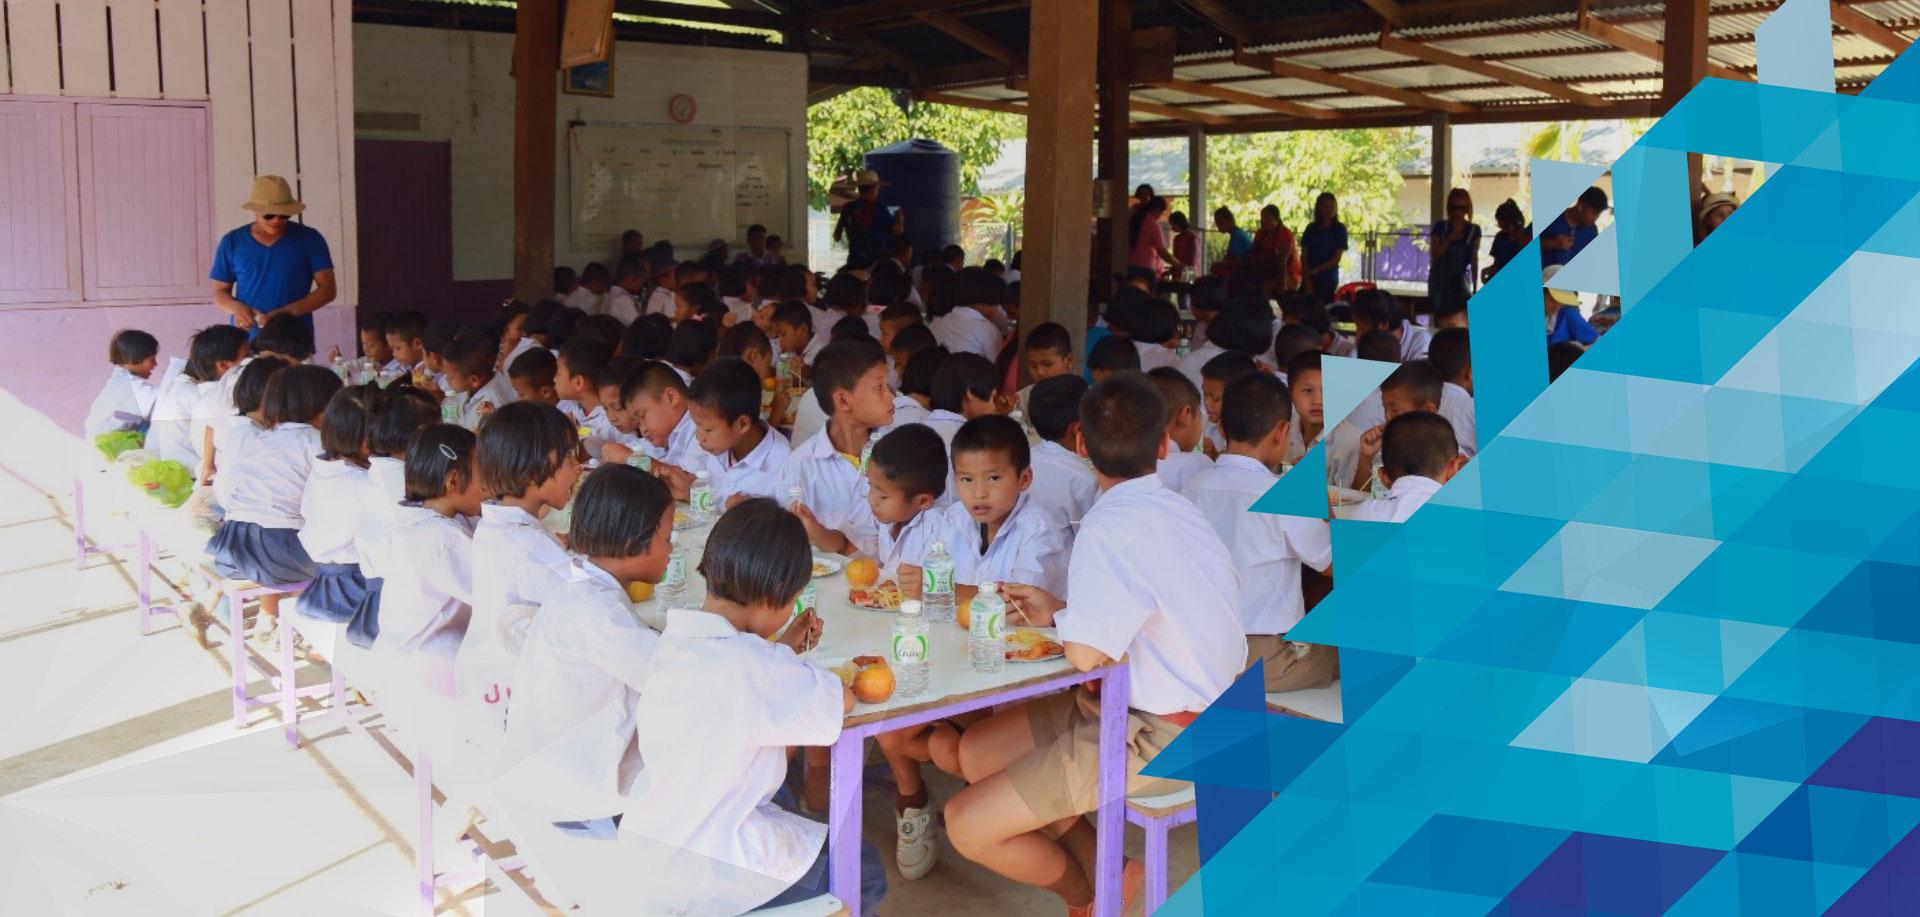 """กิจกรรมเพื่อสังคมไทยในโครงการ """"ปันความสุข ส่งมอบรอยยิ้ม จากพี่สู่น้อง ครั้งที่ 1"""""""